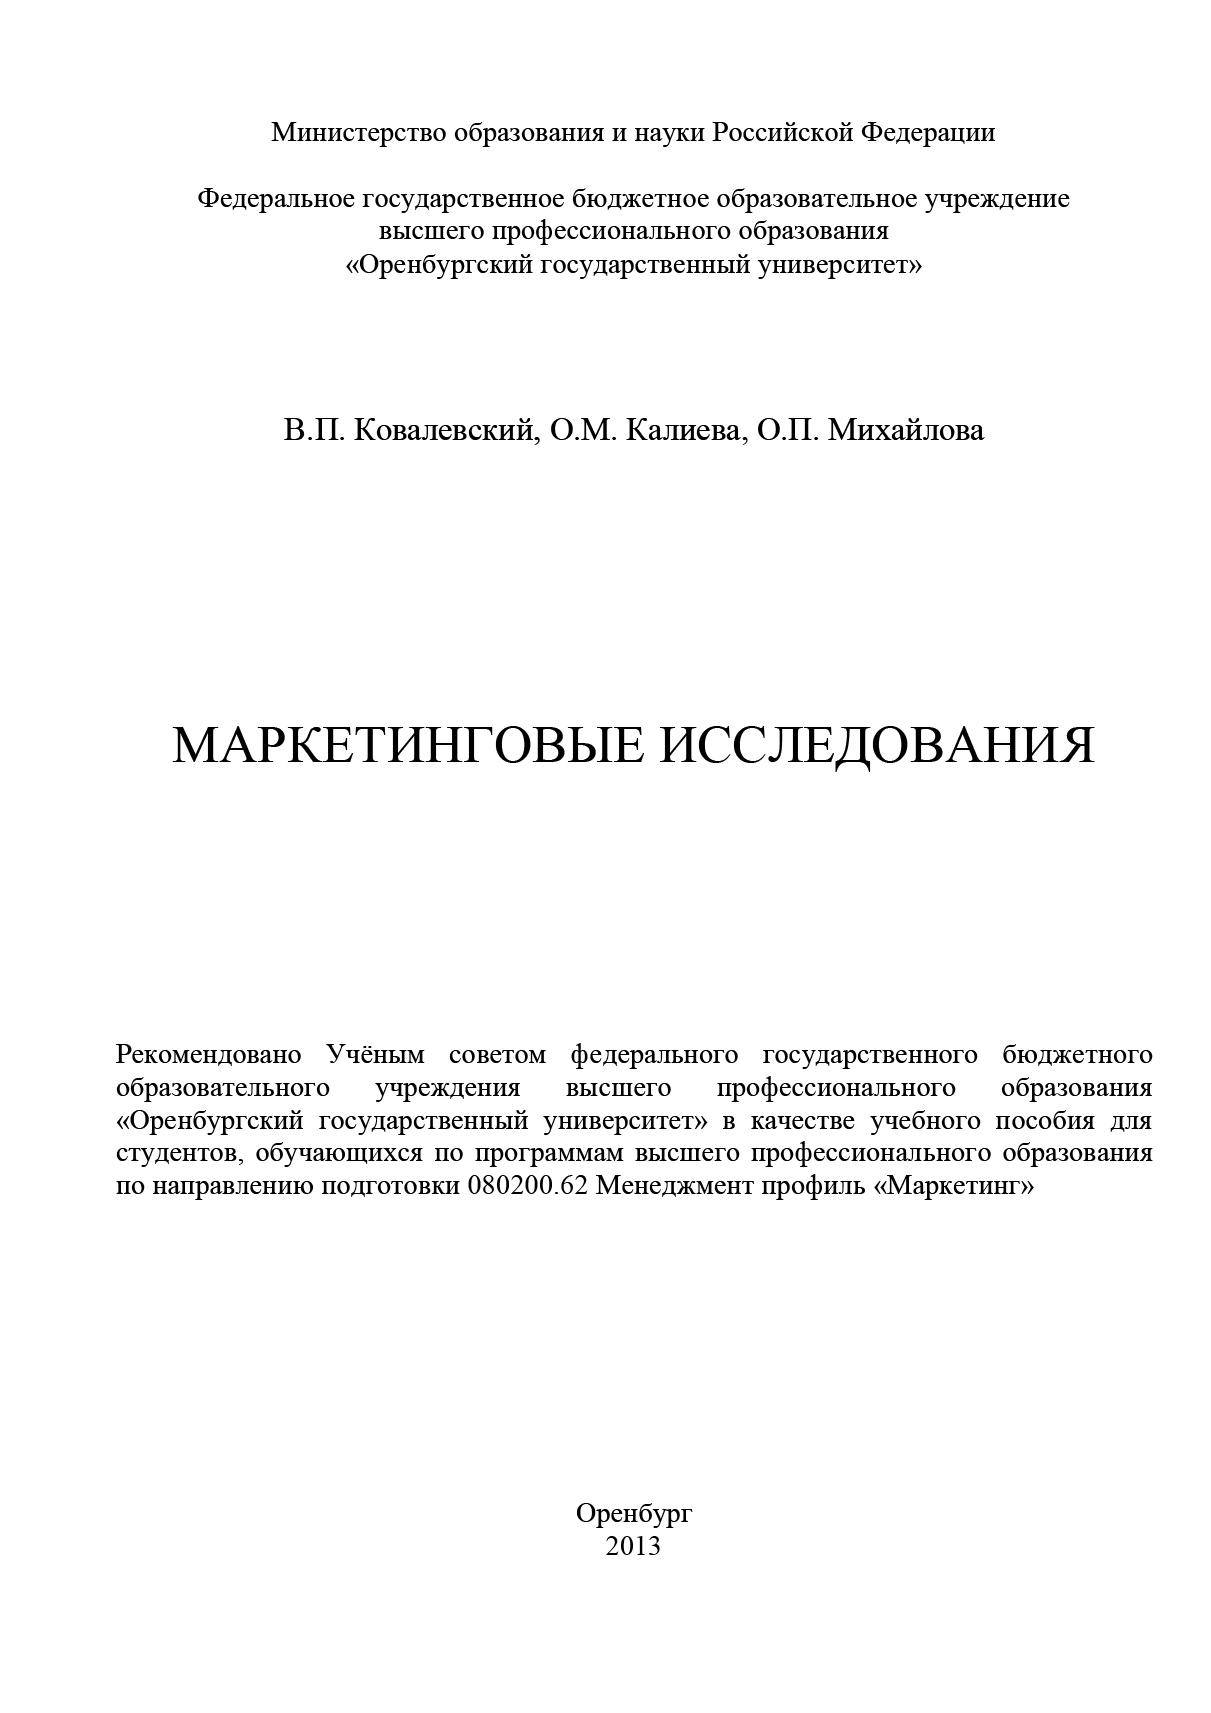 О. М. Калиева Маркетинговые исследования коротков а в маркетинговые исследования учебное пособие